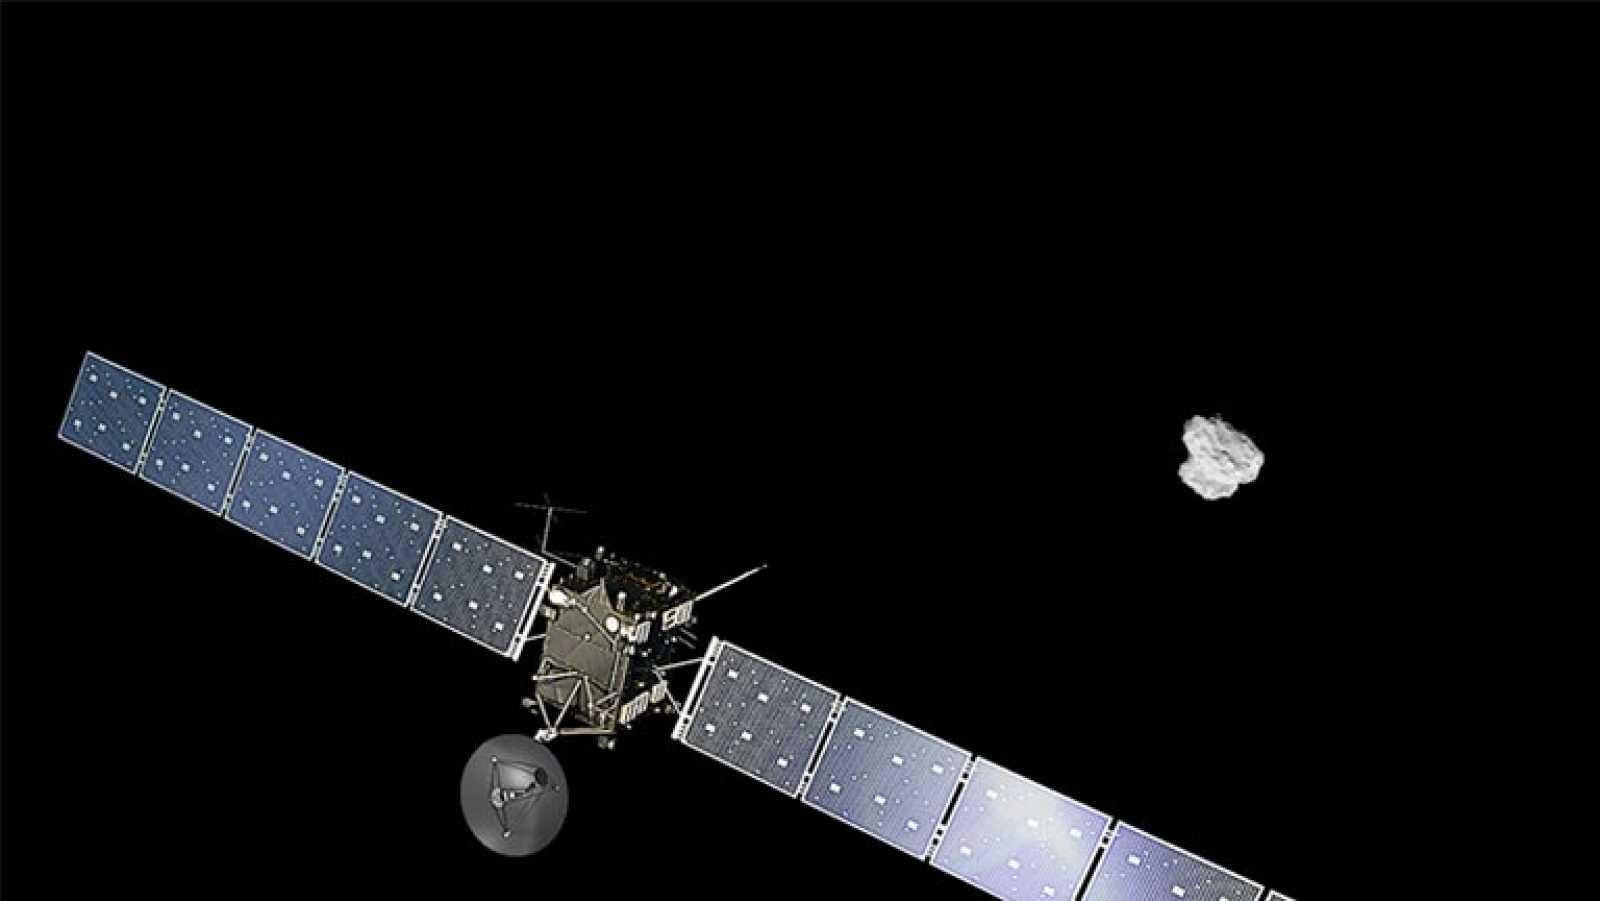 La sonda Rosetta llega con éxito a la órbita del cometa 67P/Churyumov-Gerasimenko